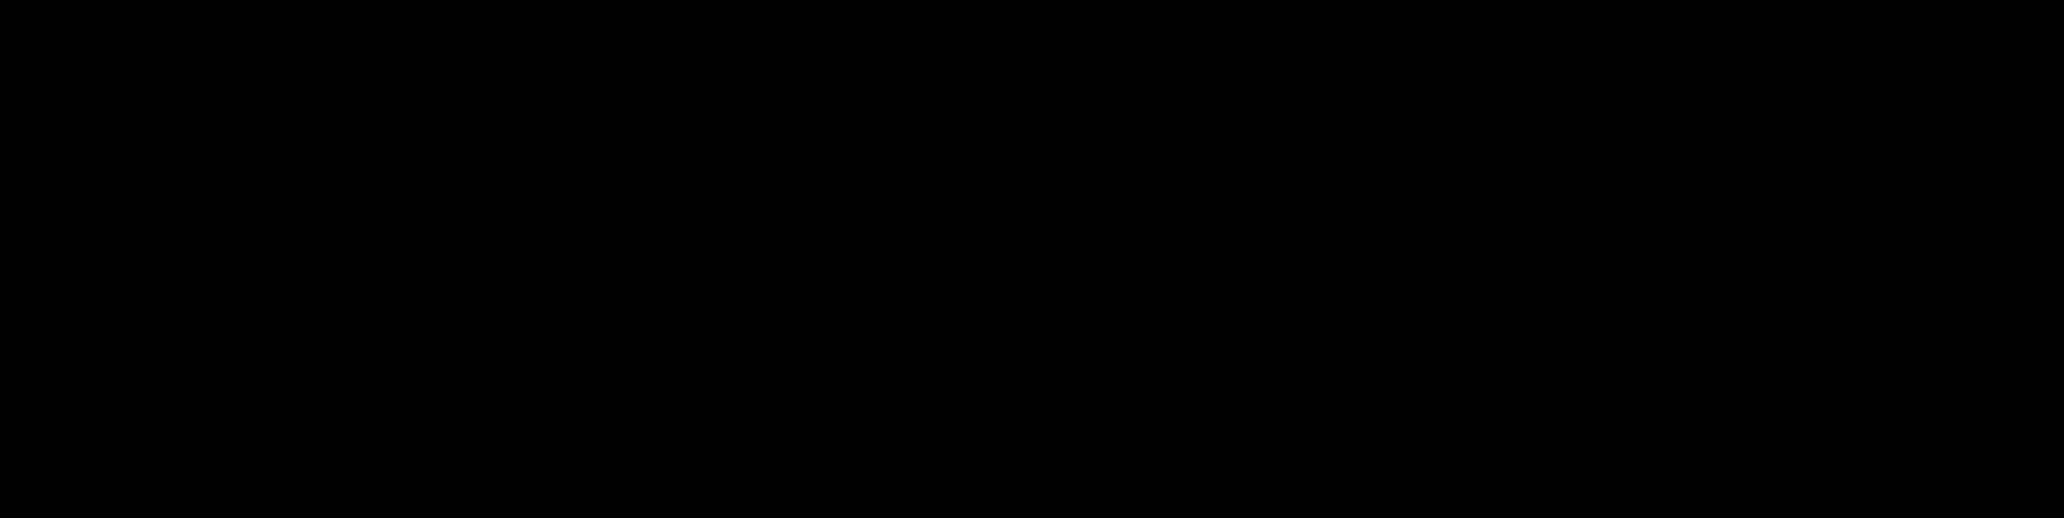 Dapagliflogin